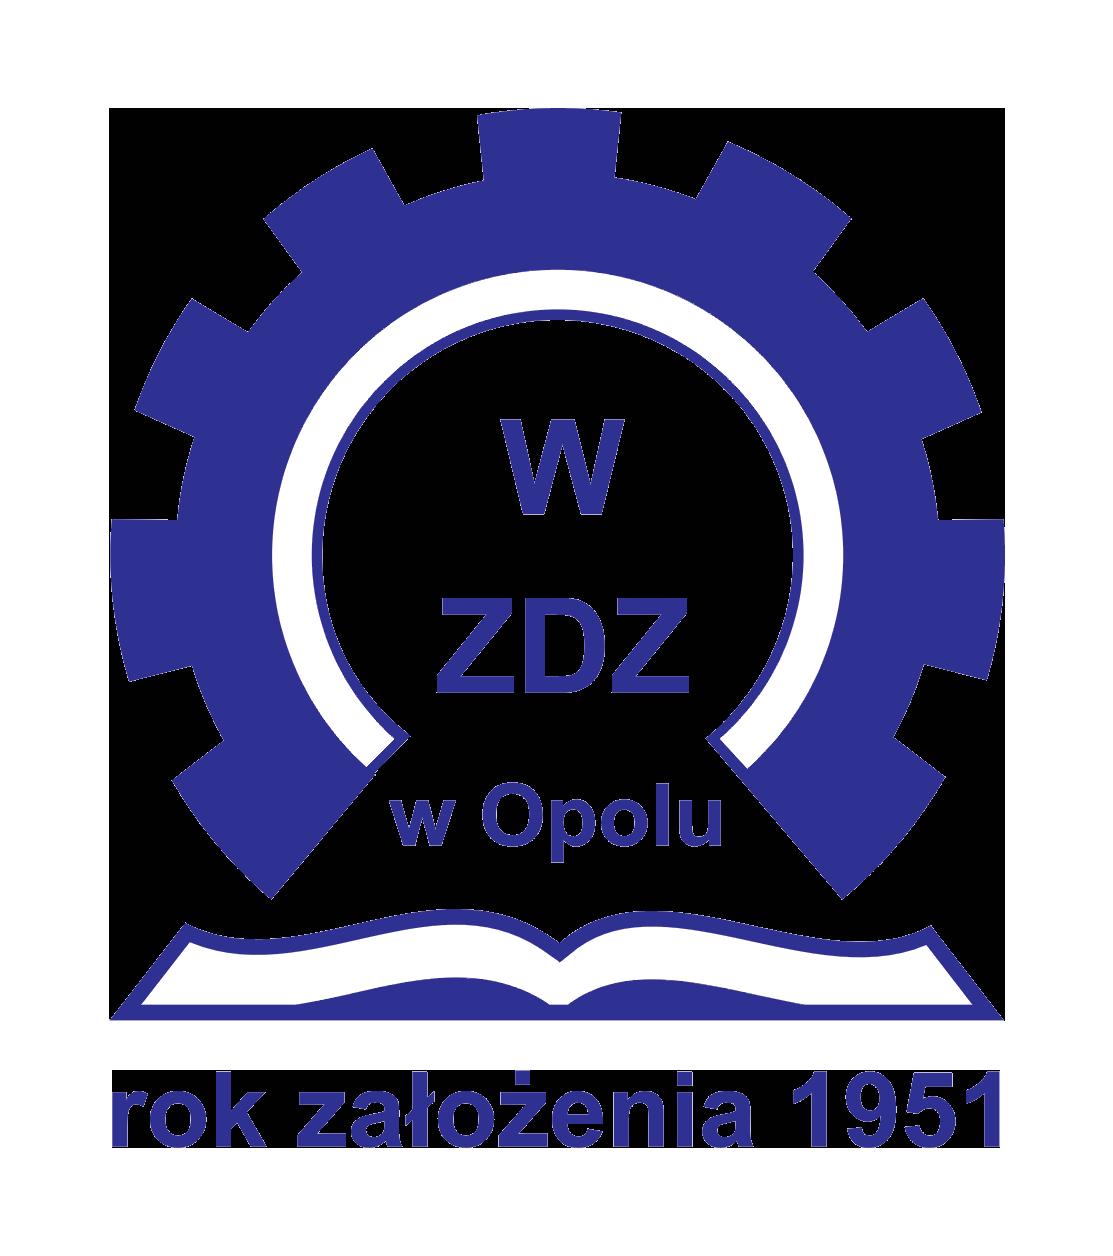 logo-wzdz